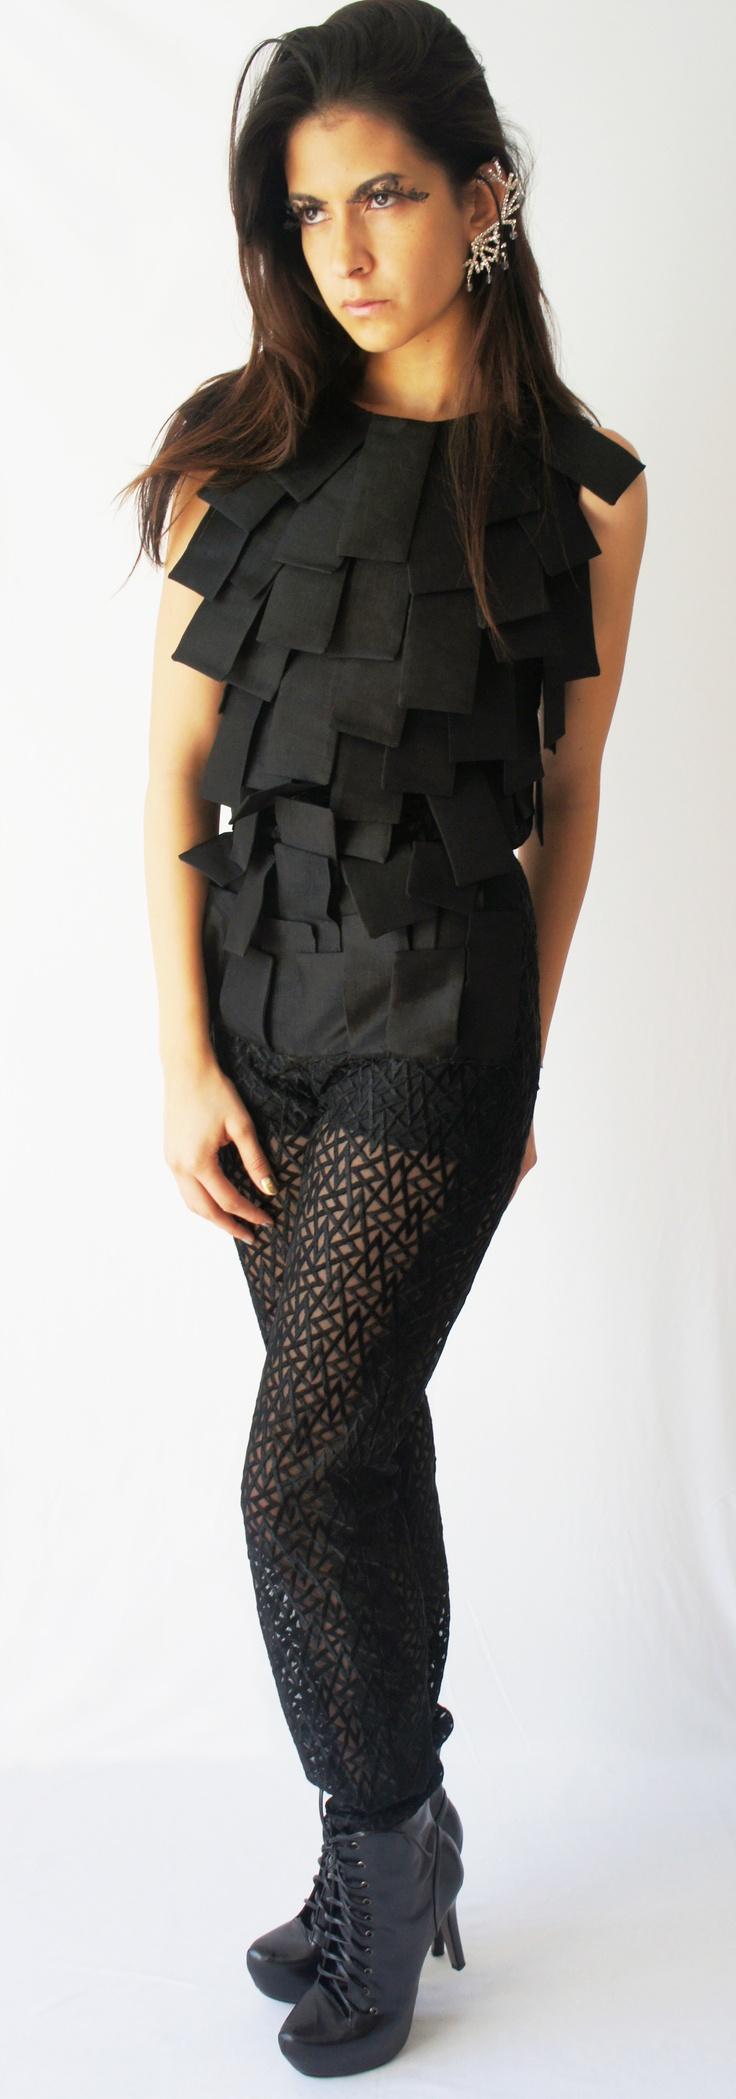 Pantalón y blusa bordada con figuras geométricas, contando con rectángulos cosidos a mano.